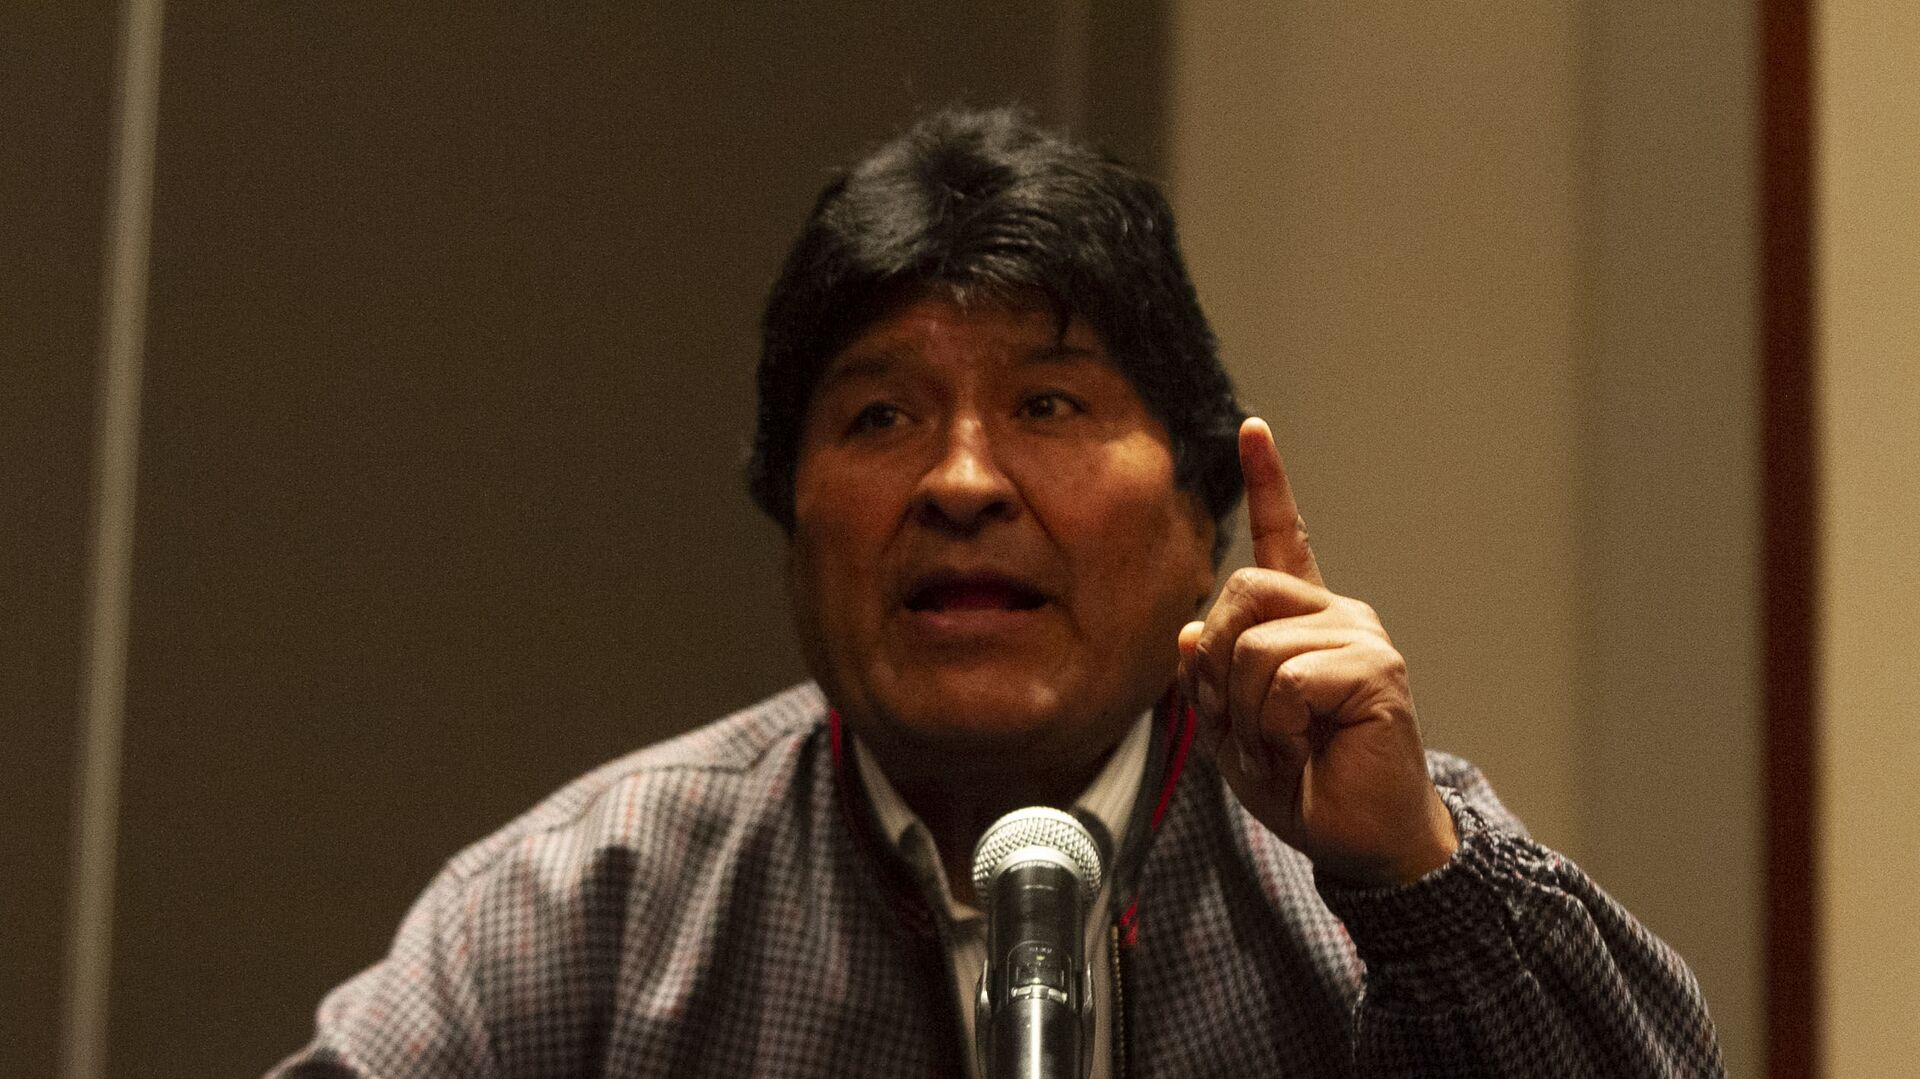 Evo Morales ofrece una rueda de prensa en la Ciudad de México, el 20 de noviembre de 2019 - Sputnik Mundo, 1920, 16.09.2021